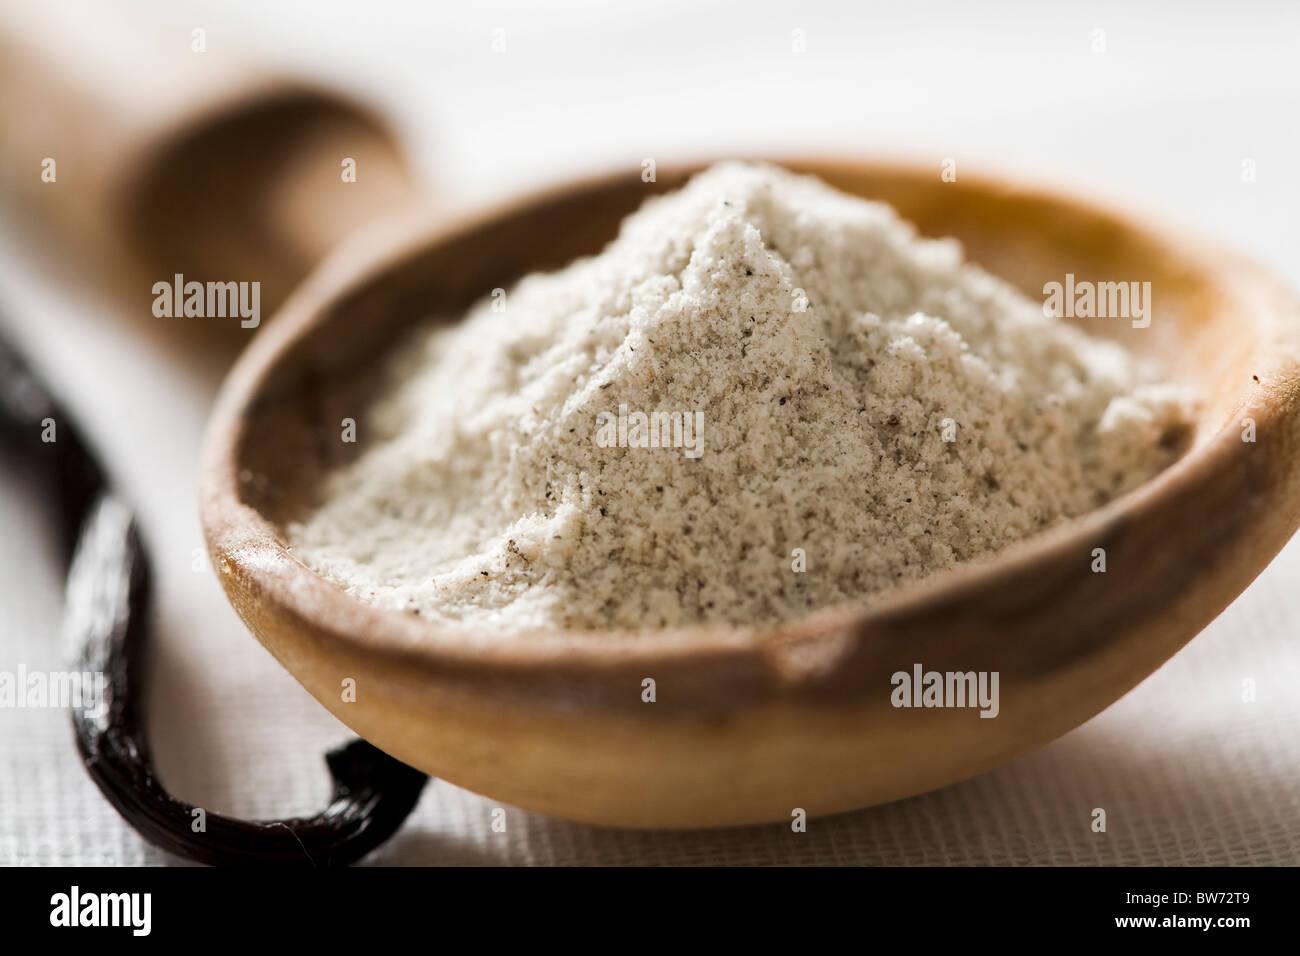 zucchero vanigliato Immagini Stock